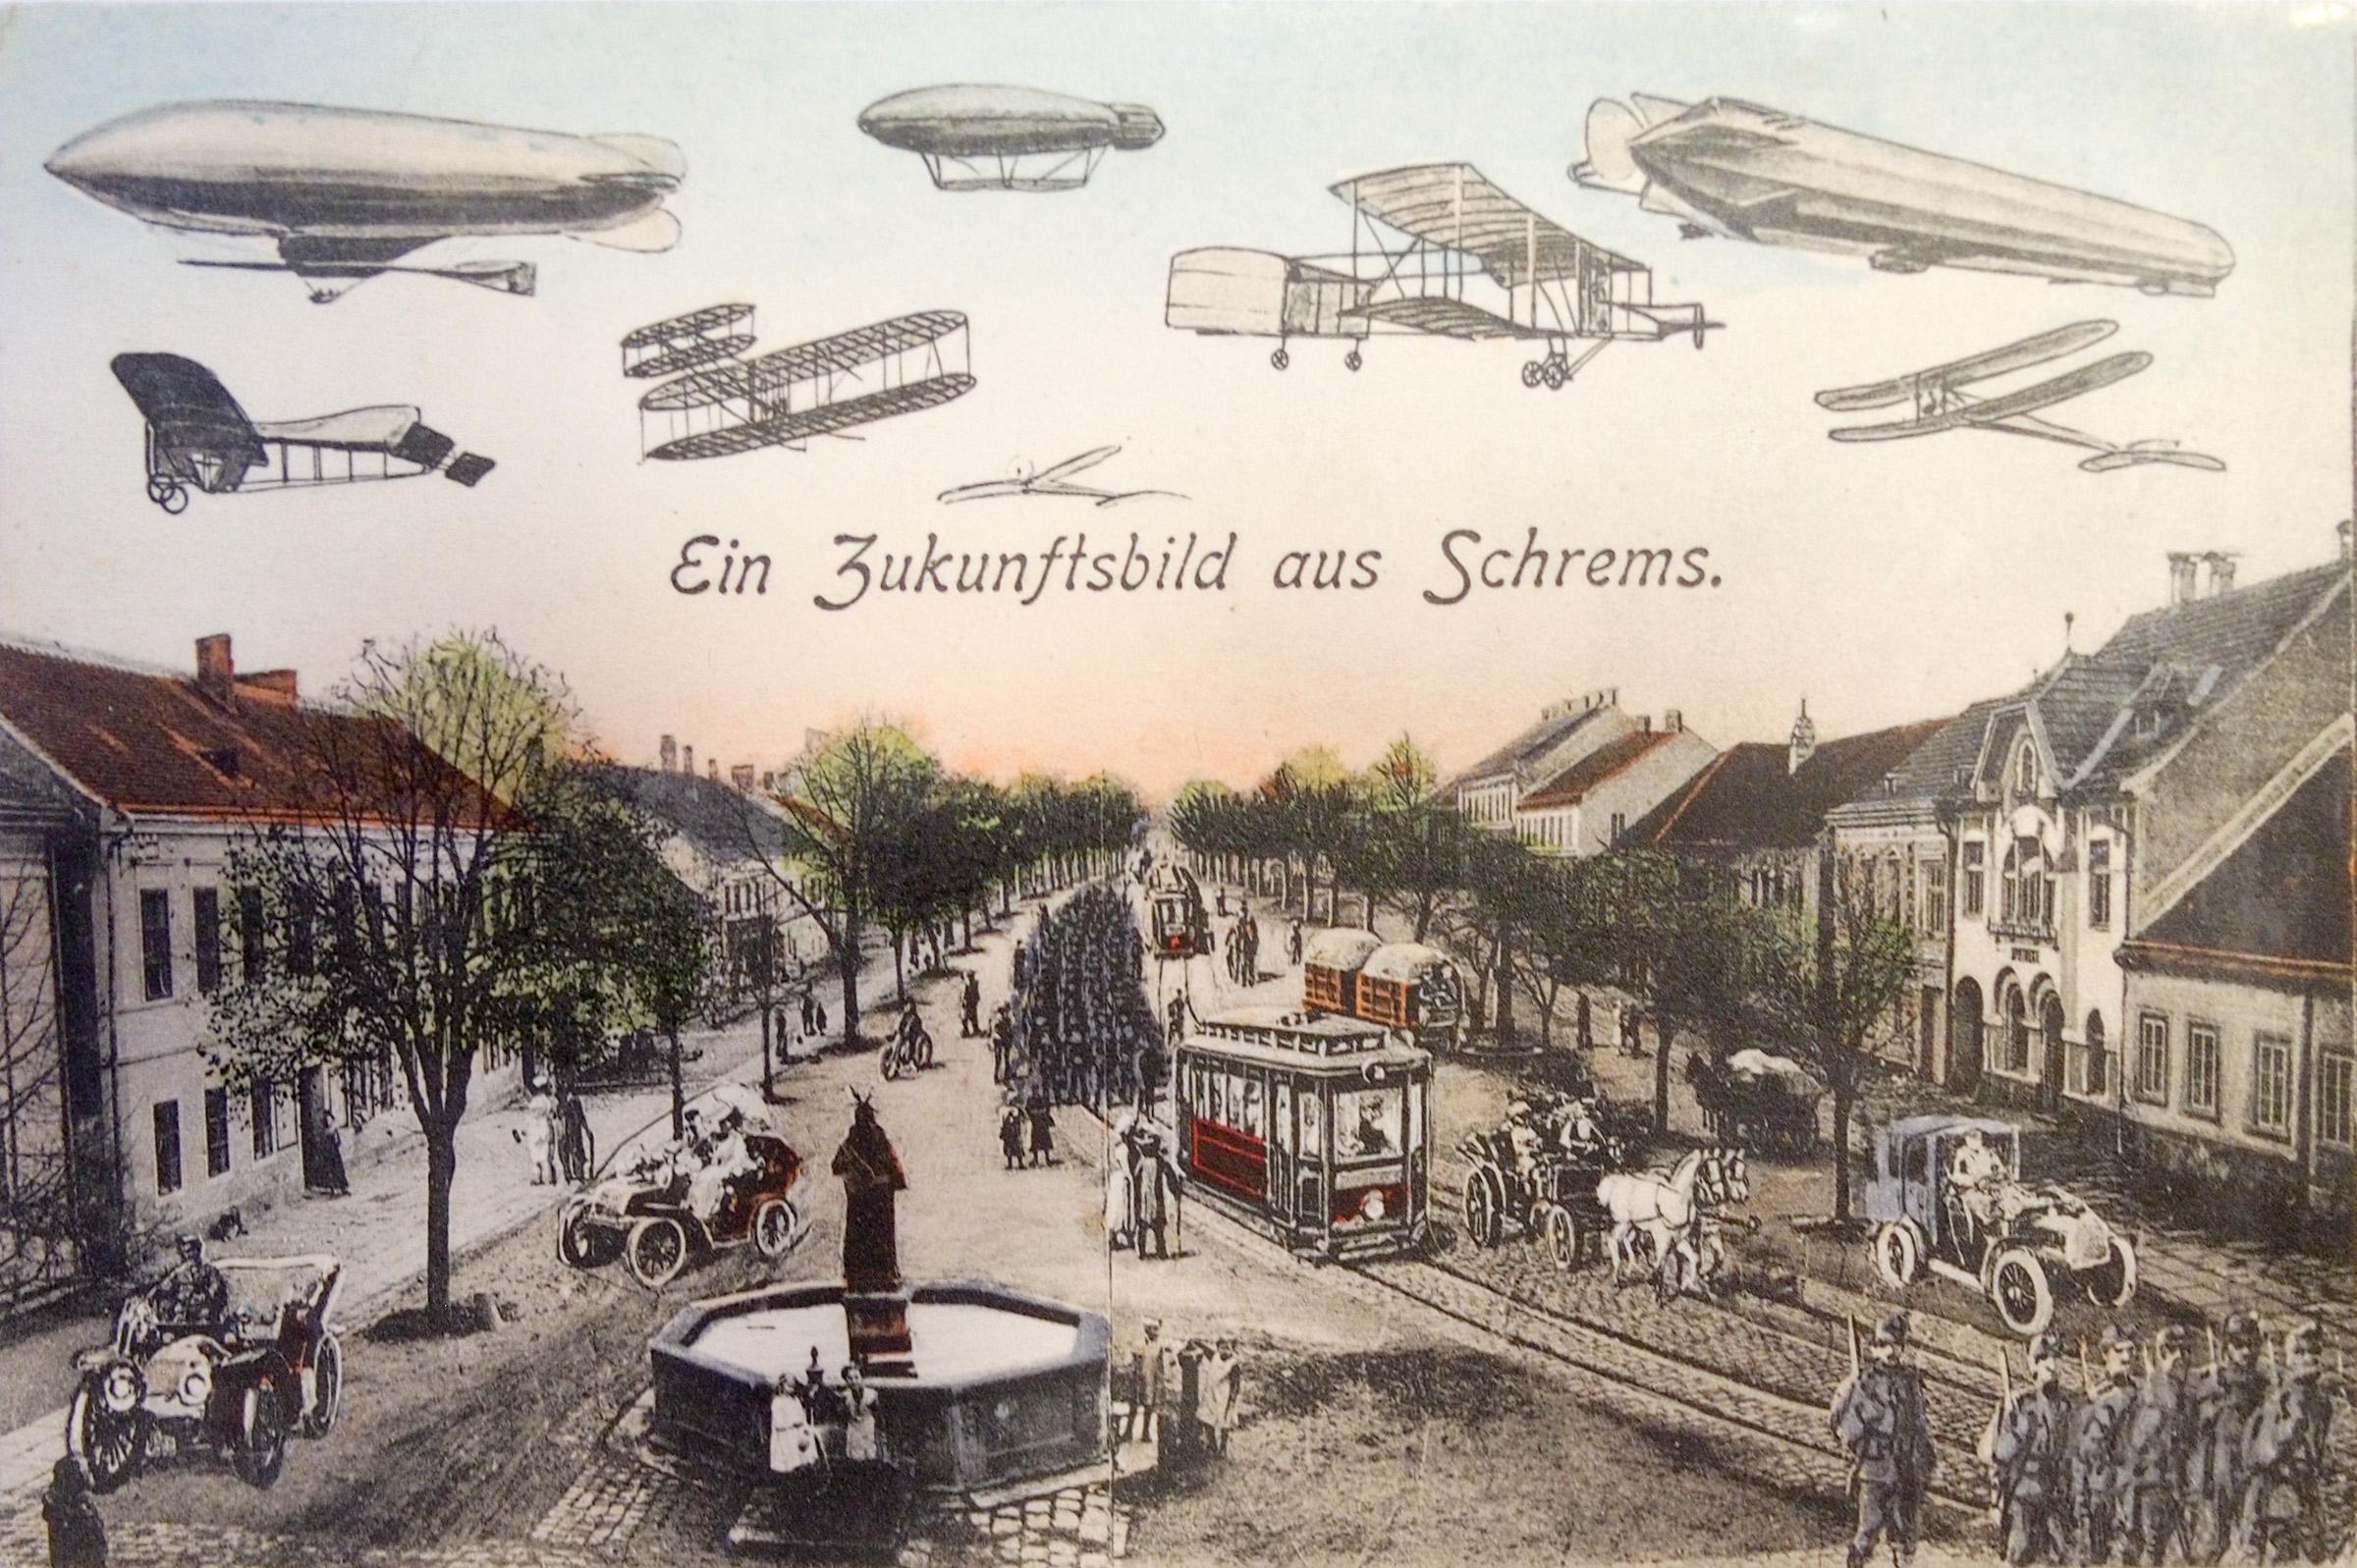 Hauptplatz 1910 Schrems.jpg